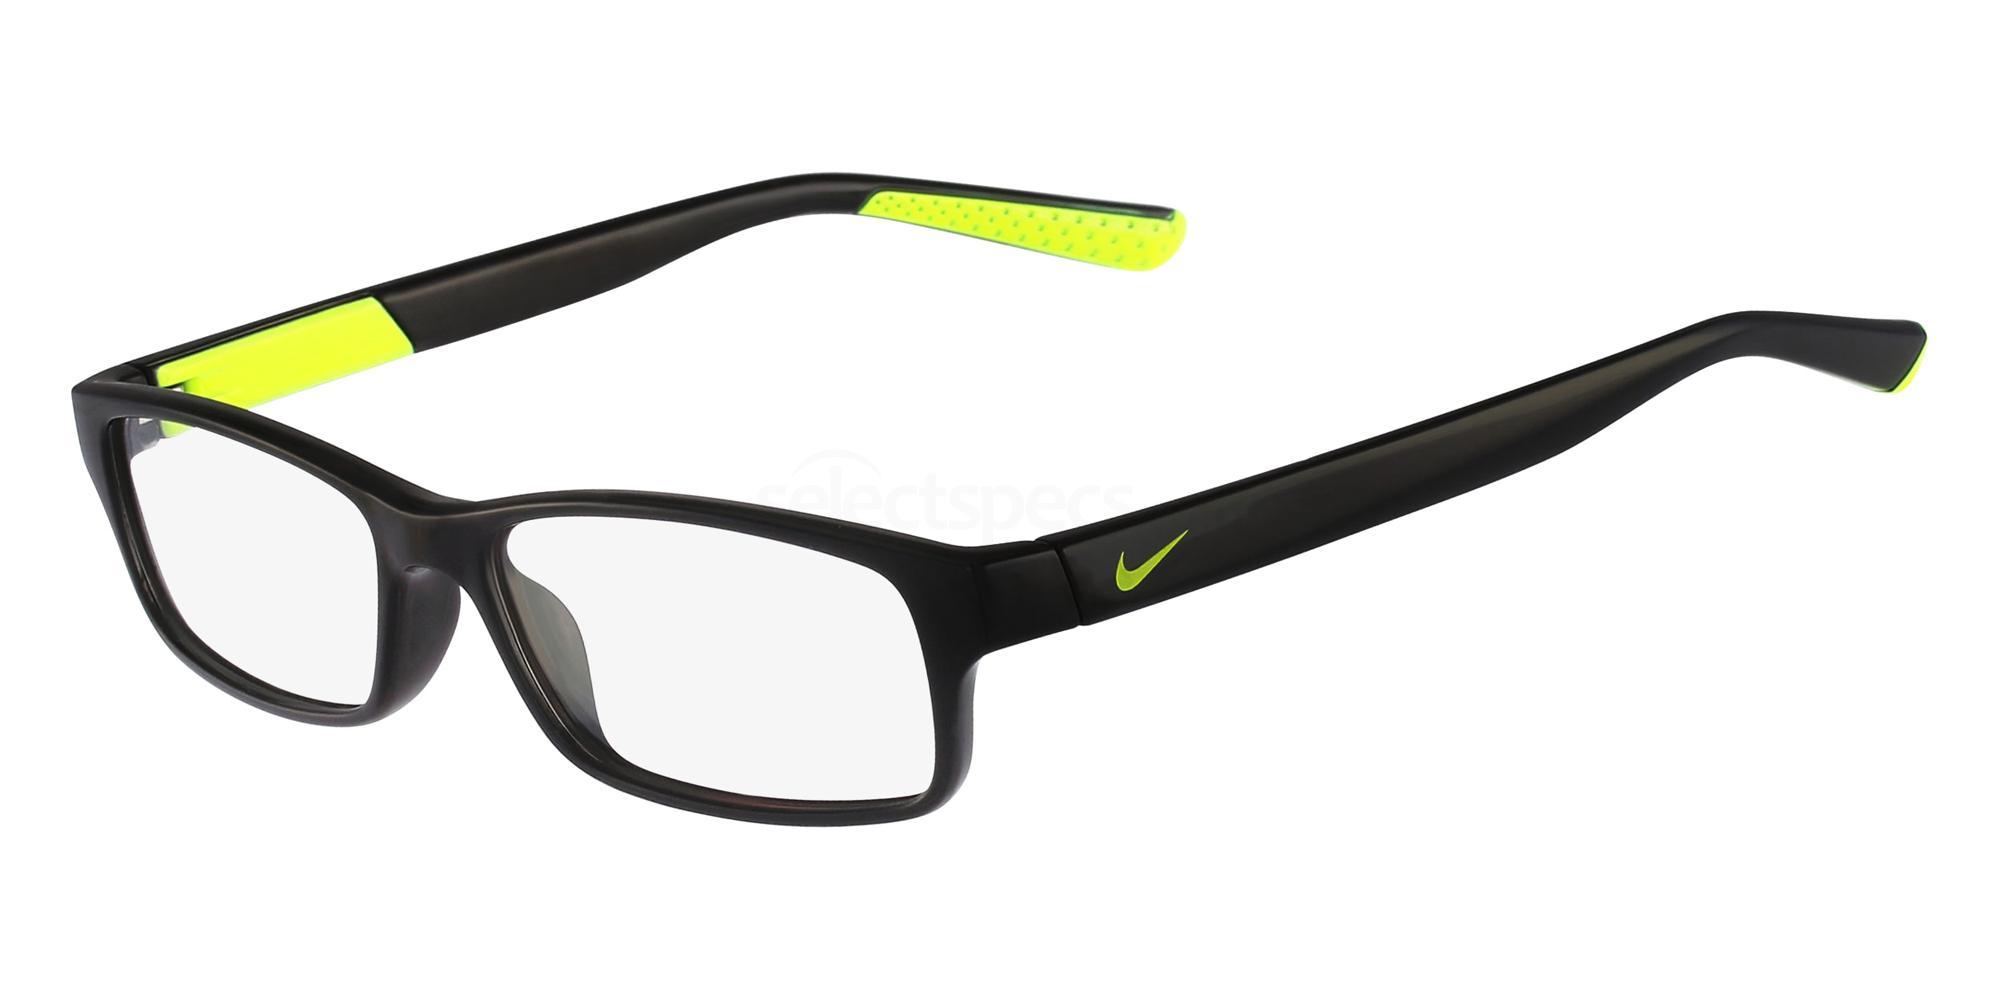 015 5534 Glasses, Nike TEENS